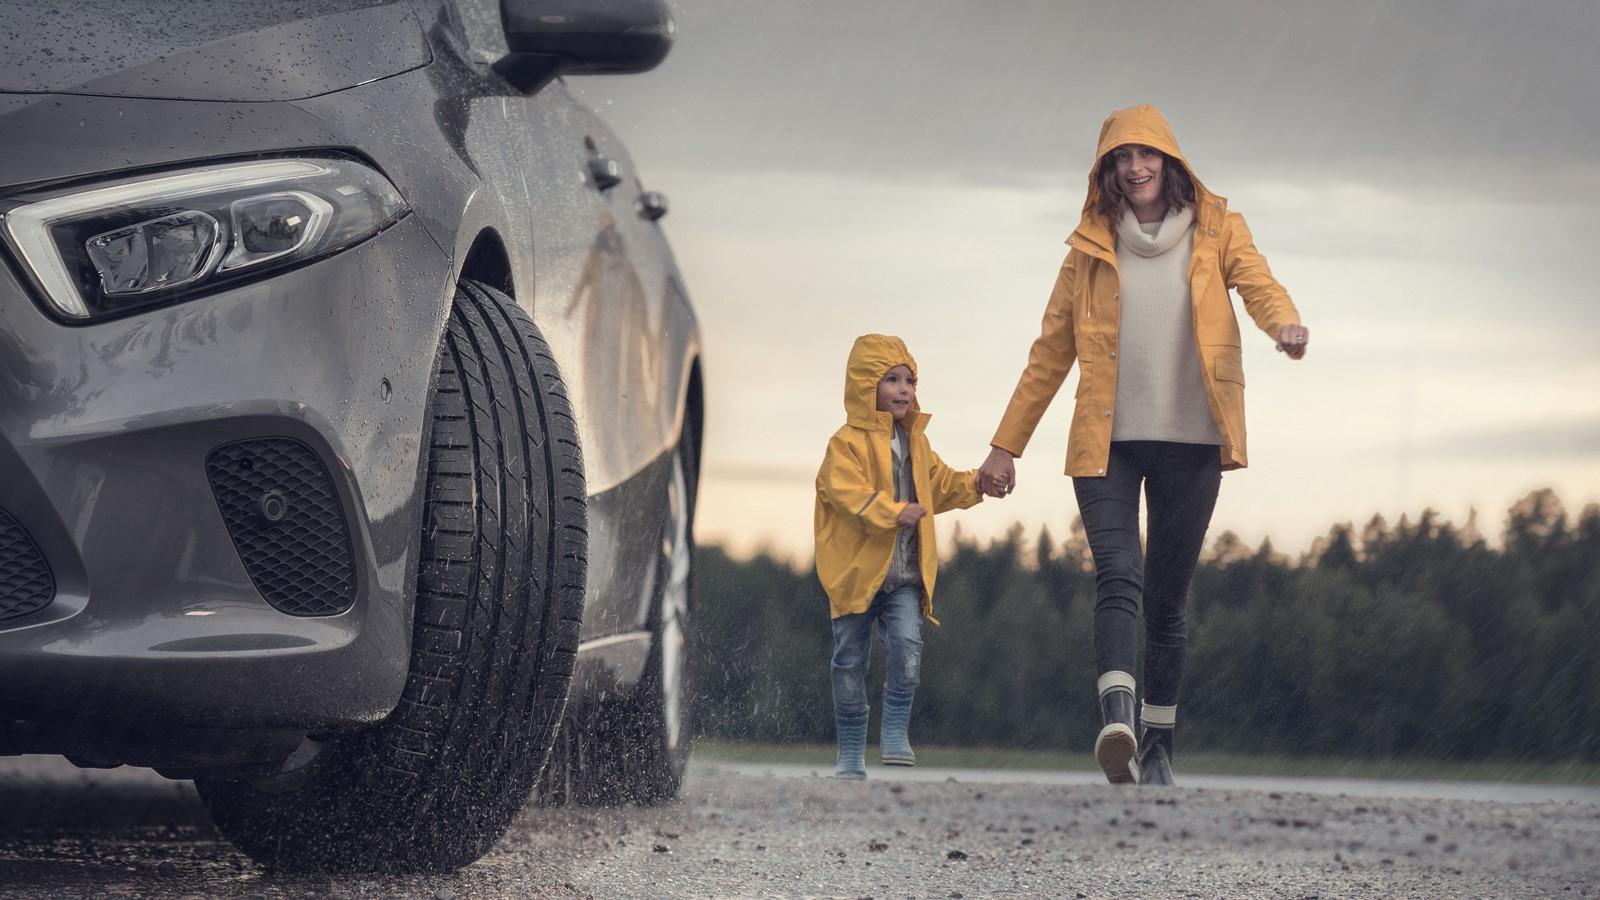 Opony Letnie Nokian Wetproof Komfort I Bezpieczeństwo Jazdy W